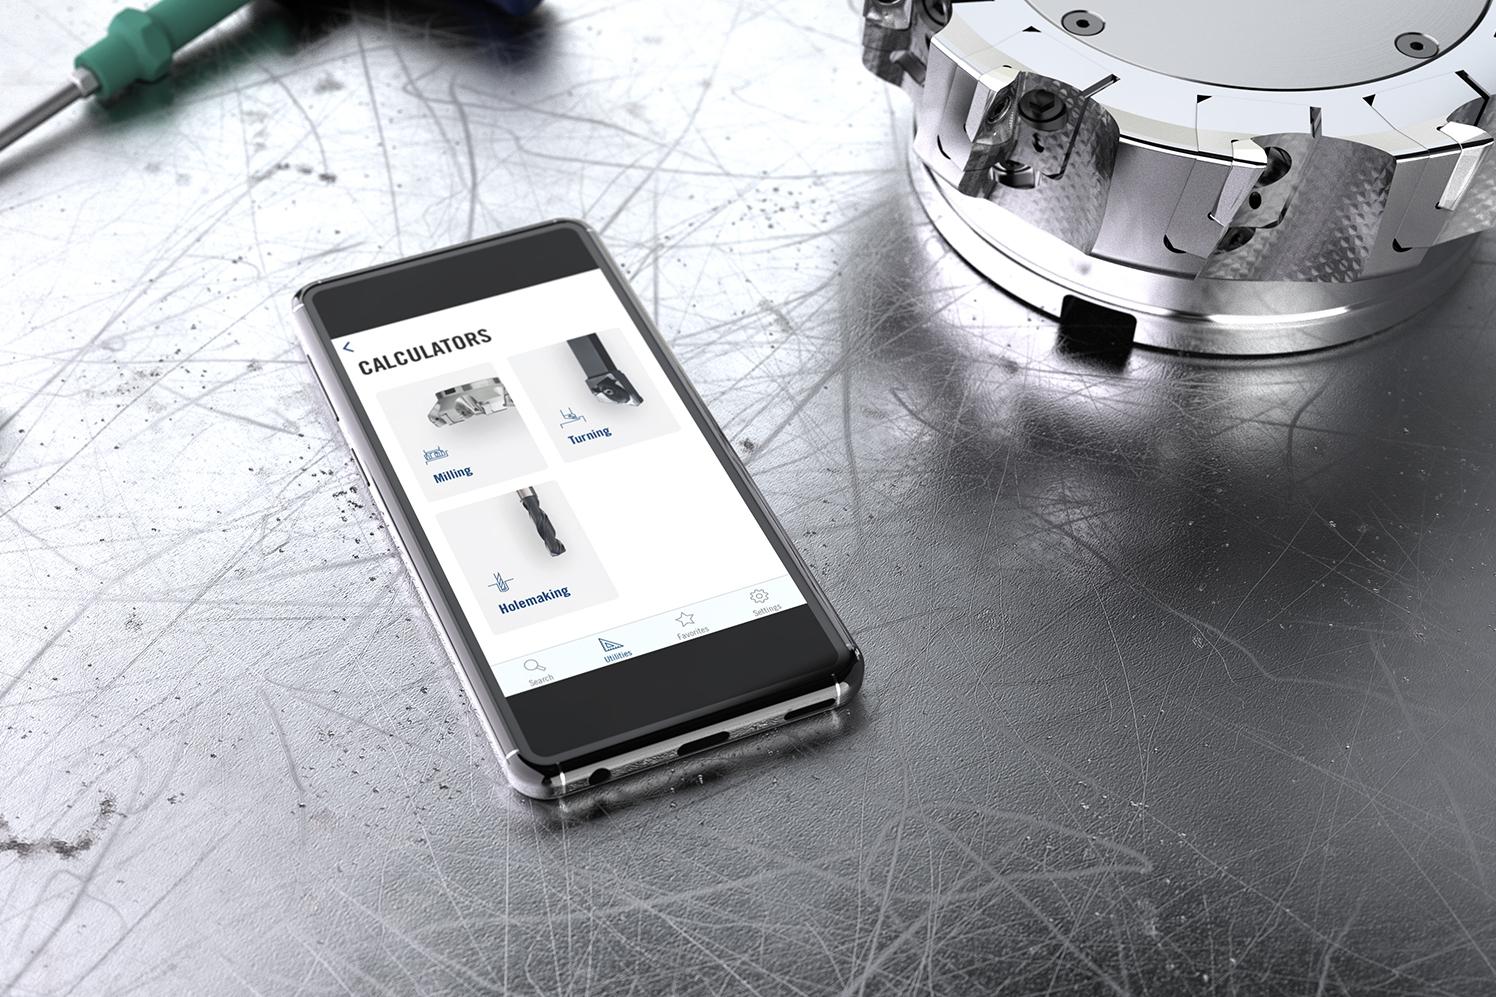 Nueva aplicación Seco Assistant, de Seco Tools. Crédito:Seco.